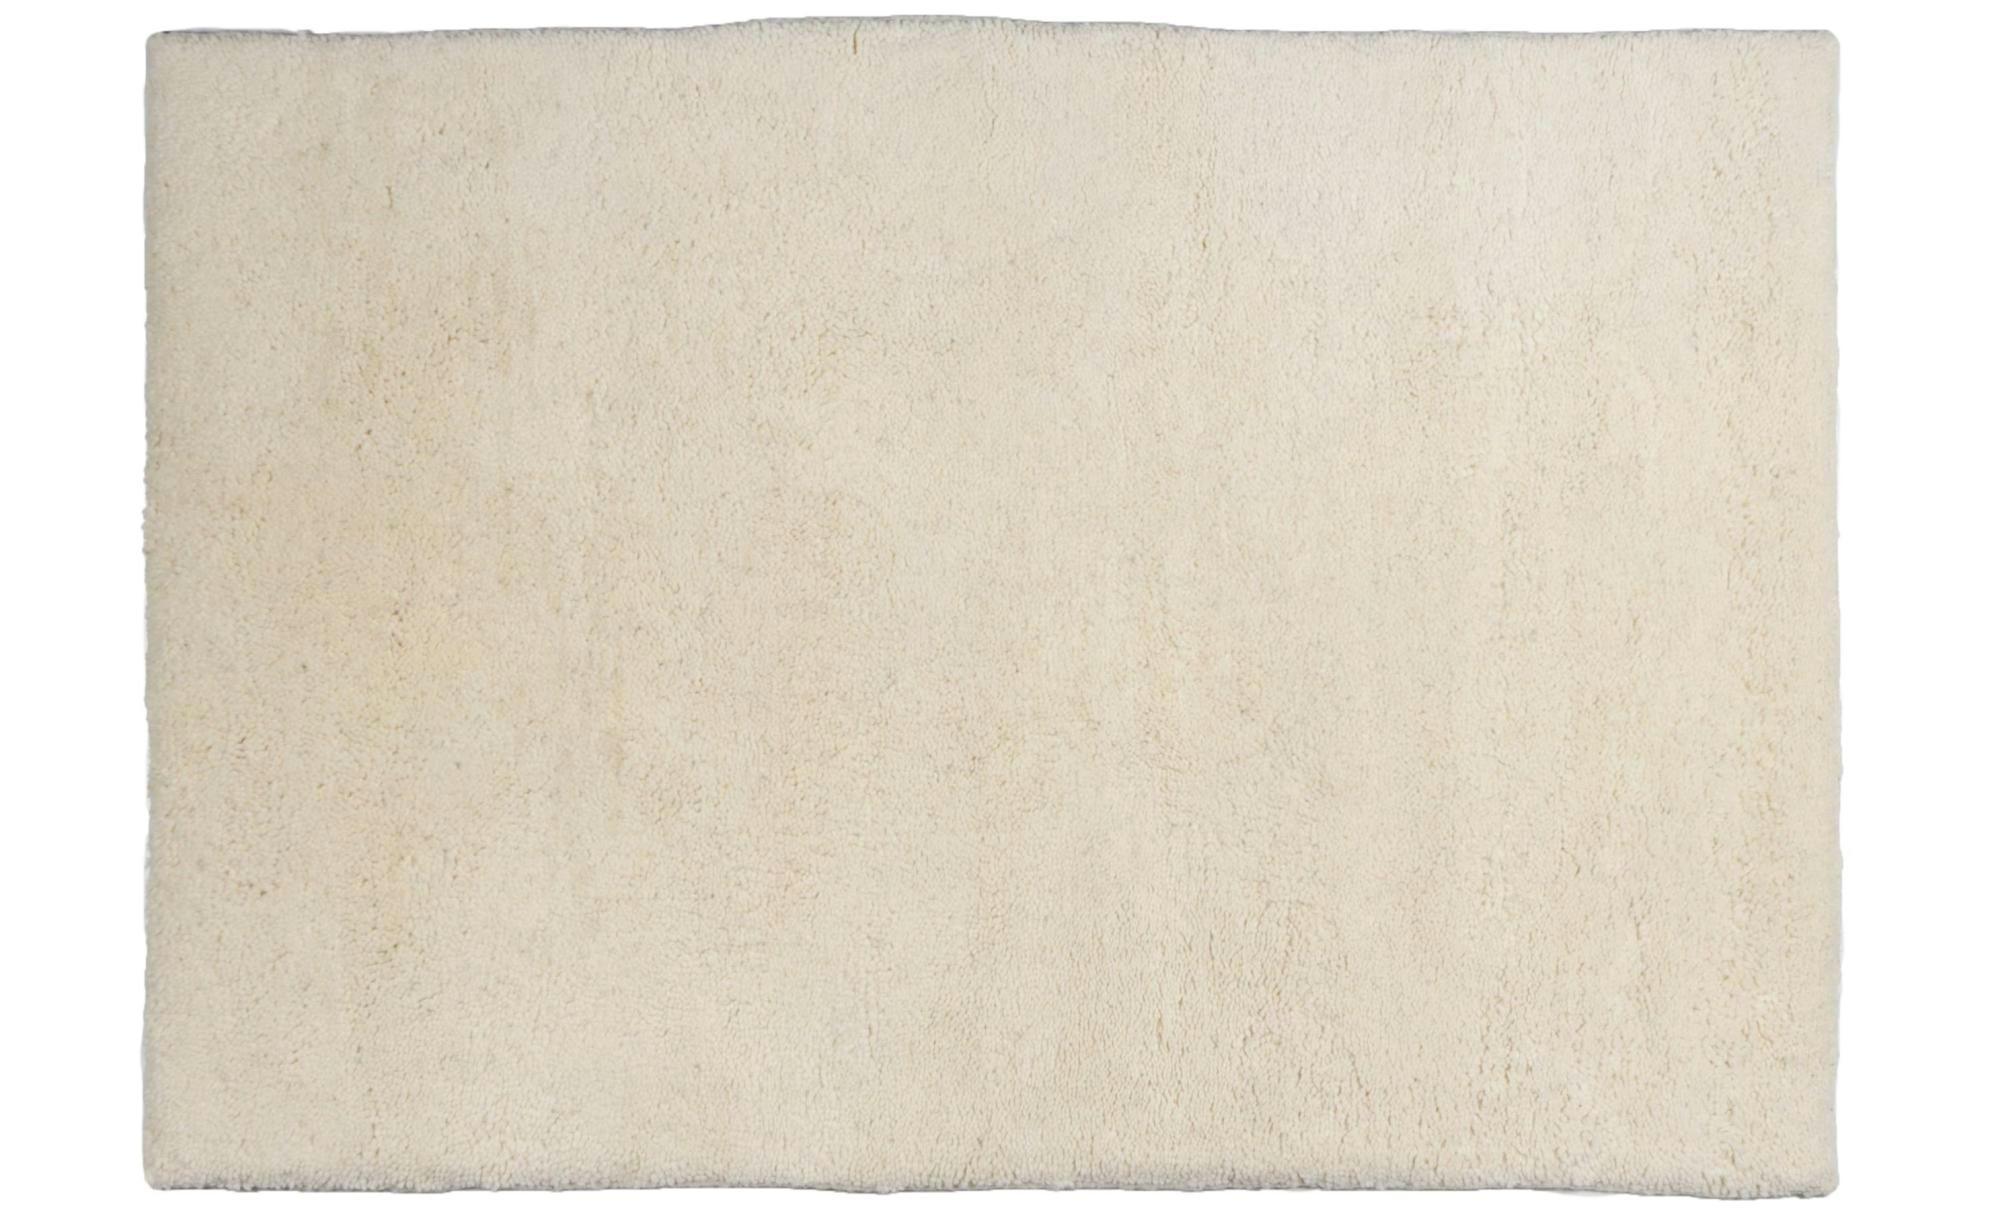 Berber-Teppich  Rabat ¦ creme ¦ reine Wolle, Wolle ¦ Maße (cm): B: 90 Teppiche > Wohnteppiche > Naturteppiche - Höffner | Heimtextilien > Teppiche > Berberteppiche | Möbel Höffner DE